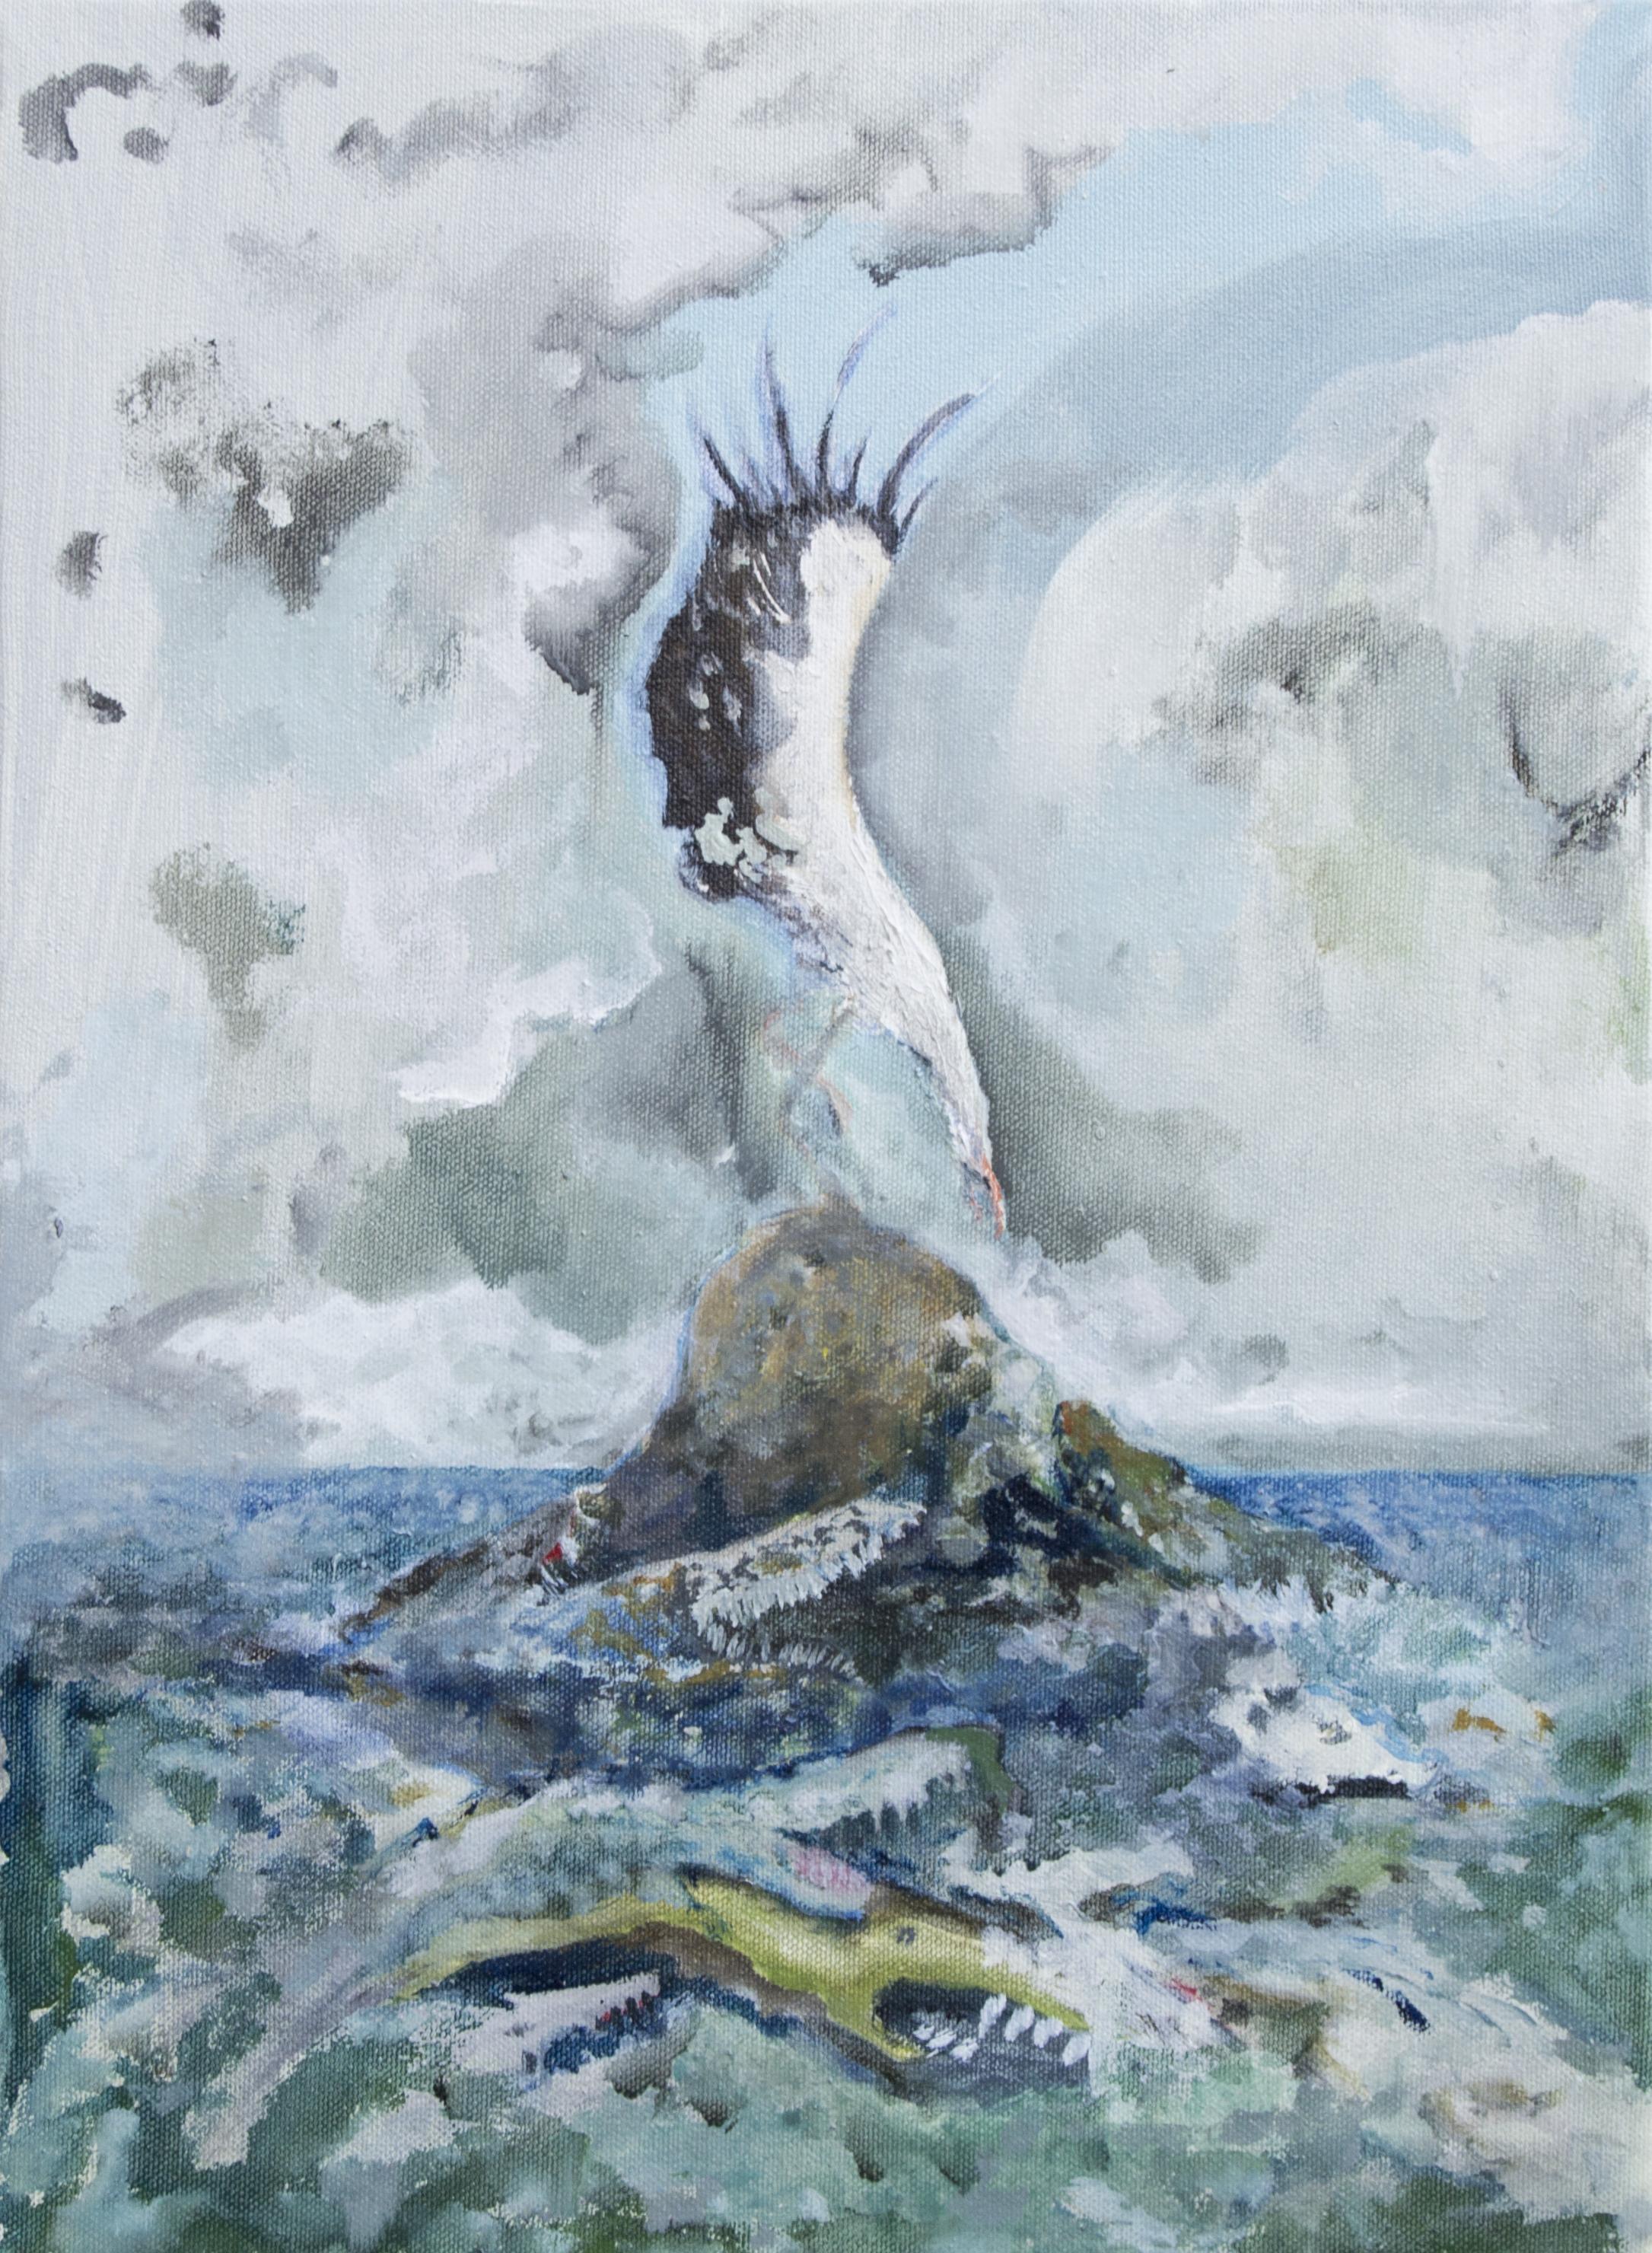 Vera Portatadino, The Great Struggle, 2017, oil on canvas, 40 x 30 cm